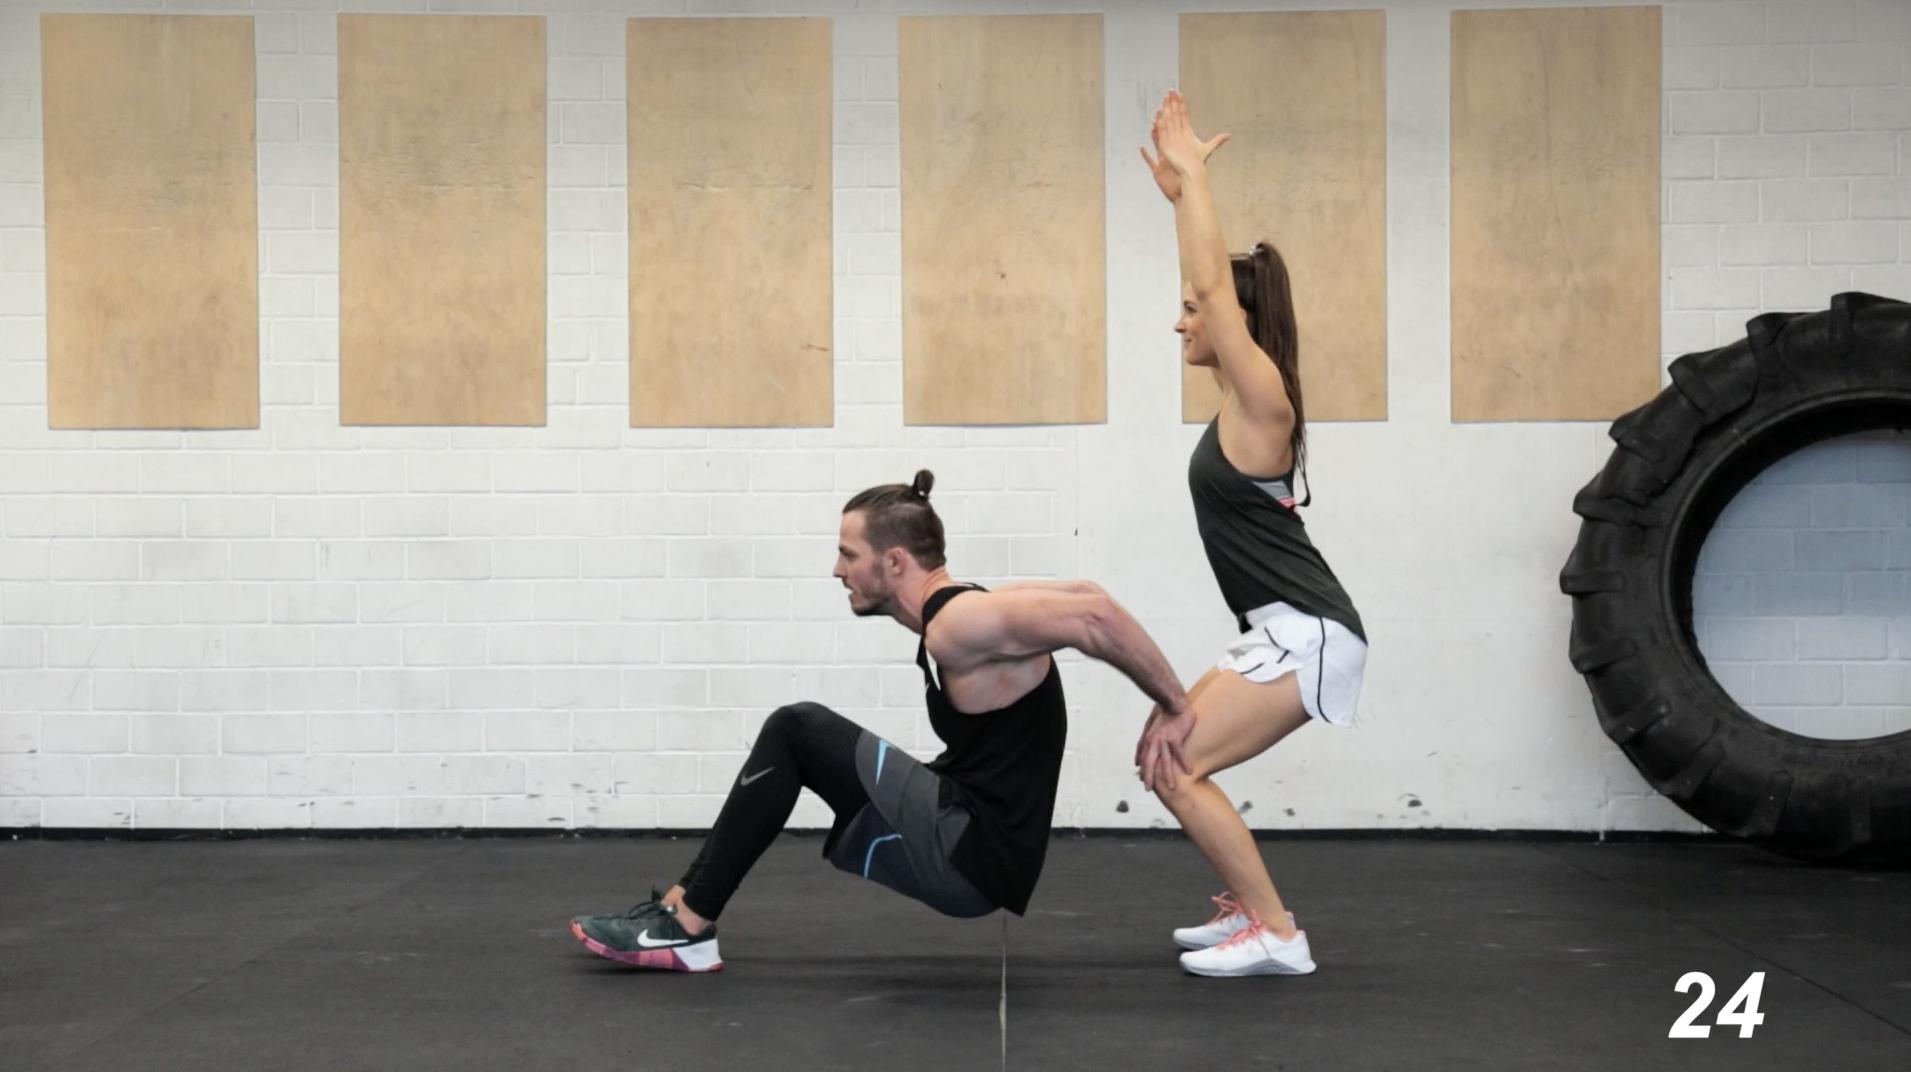 Partner-HIIT-Workout-Fatburning-7